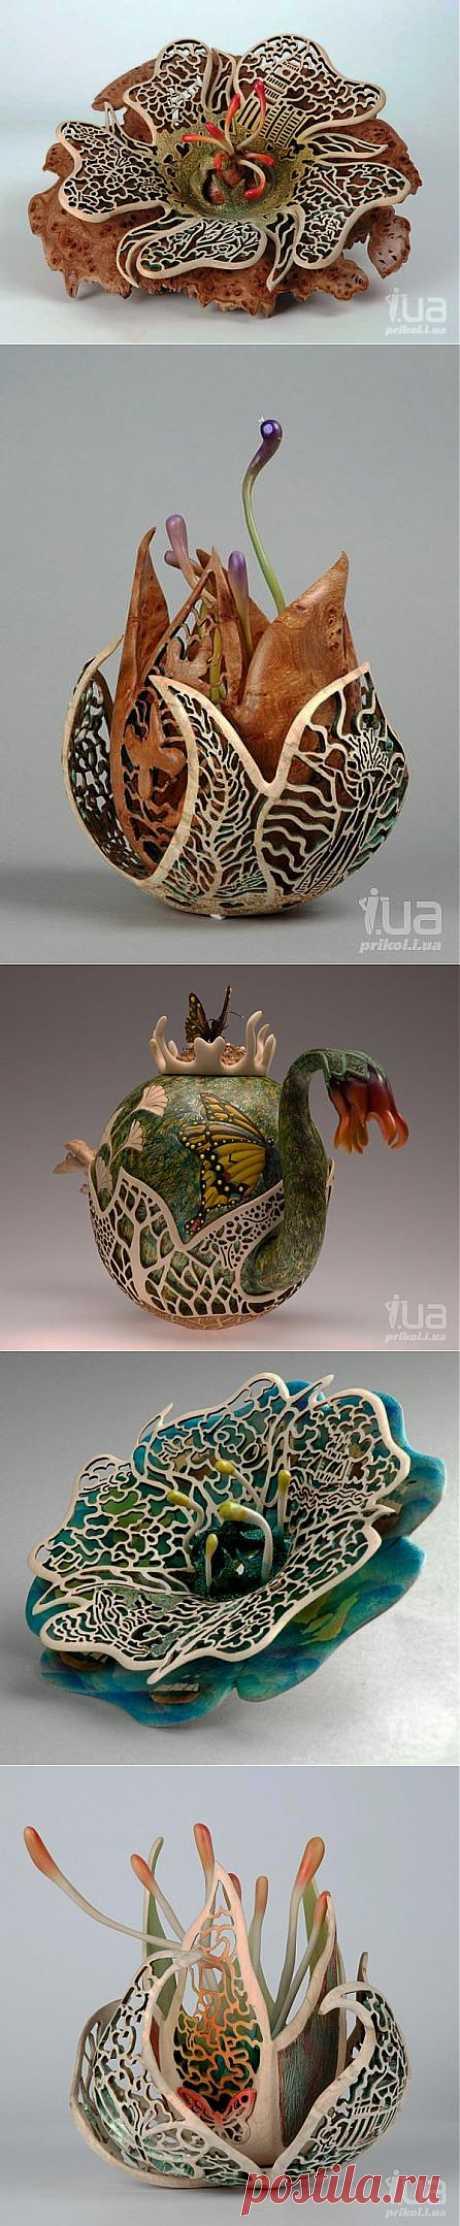 Удивительное творчество Джо Ричардсона - резьба по дереву.